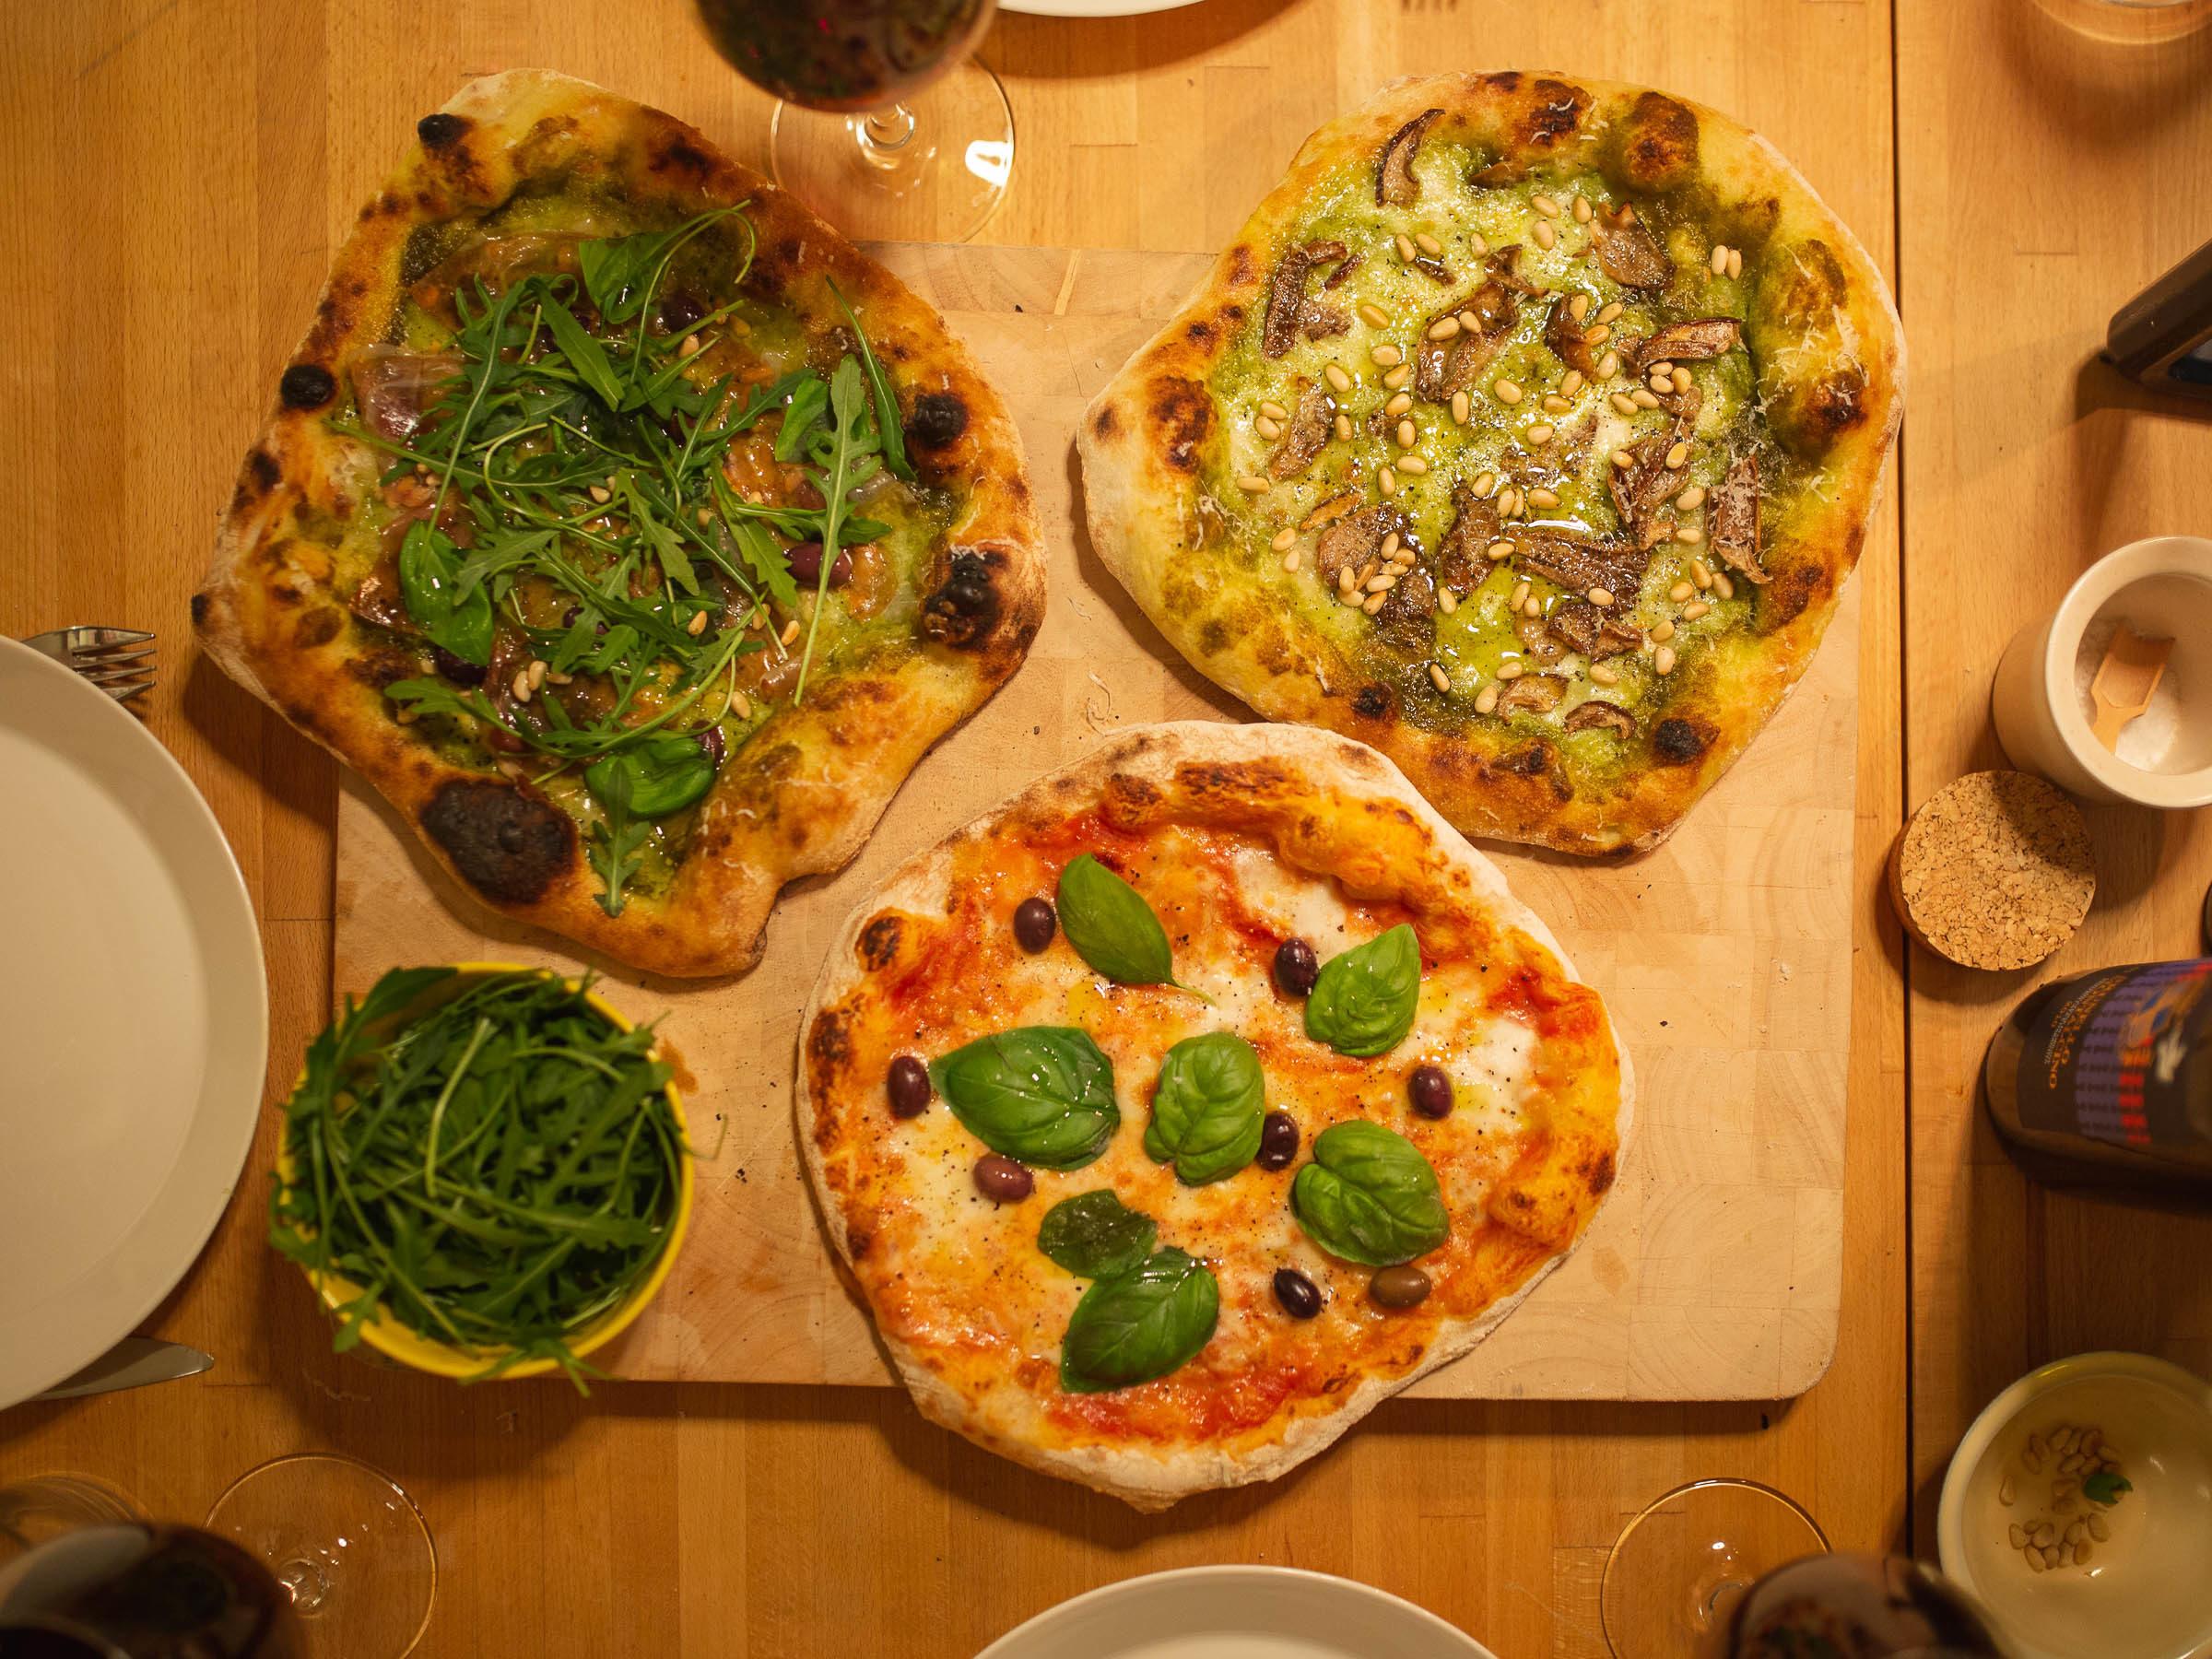 Hemlagad pizza - så gör du bästa pizzan hemma